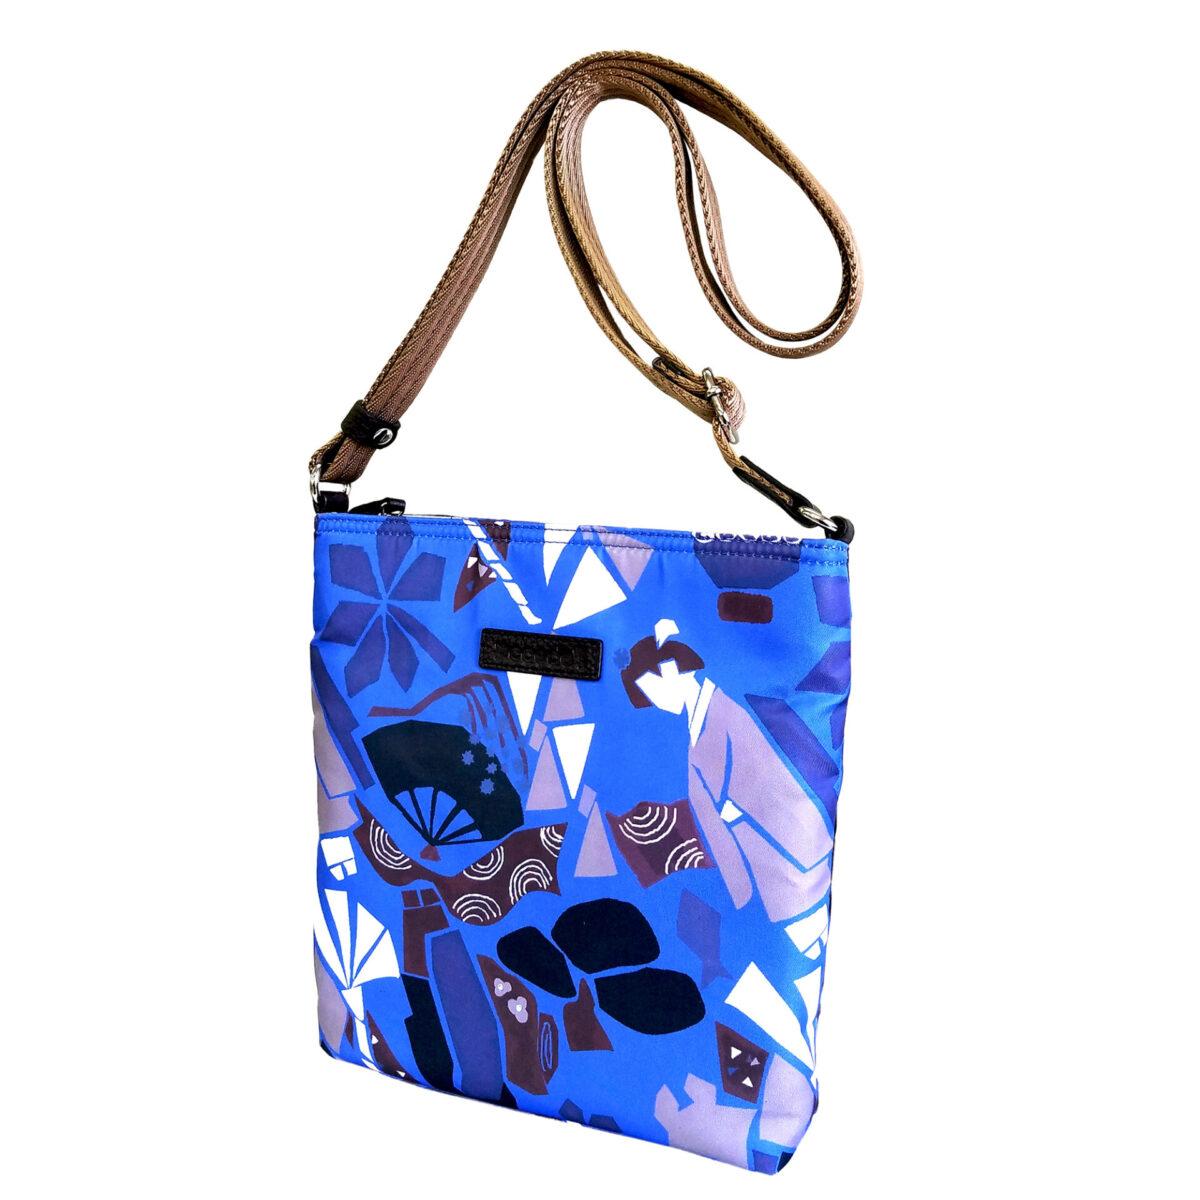 Maiko Puzzle Linate Pochette blue